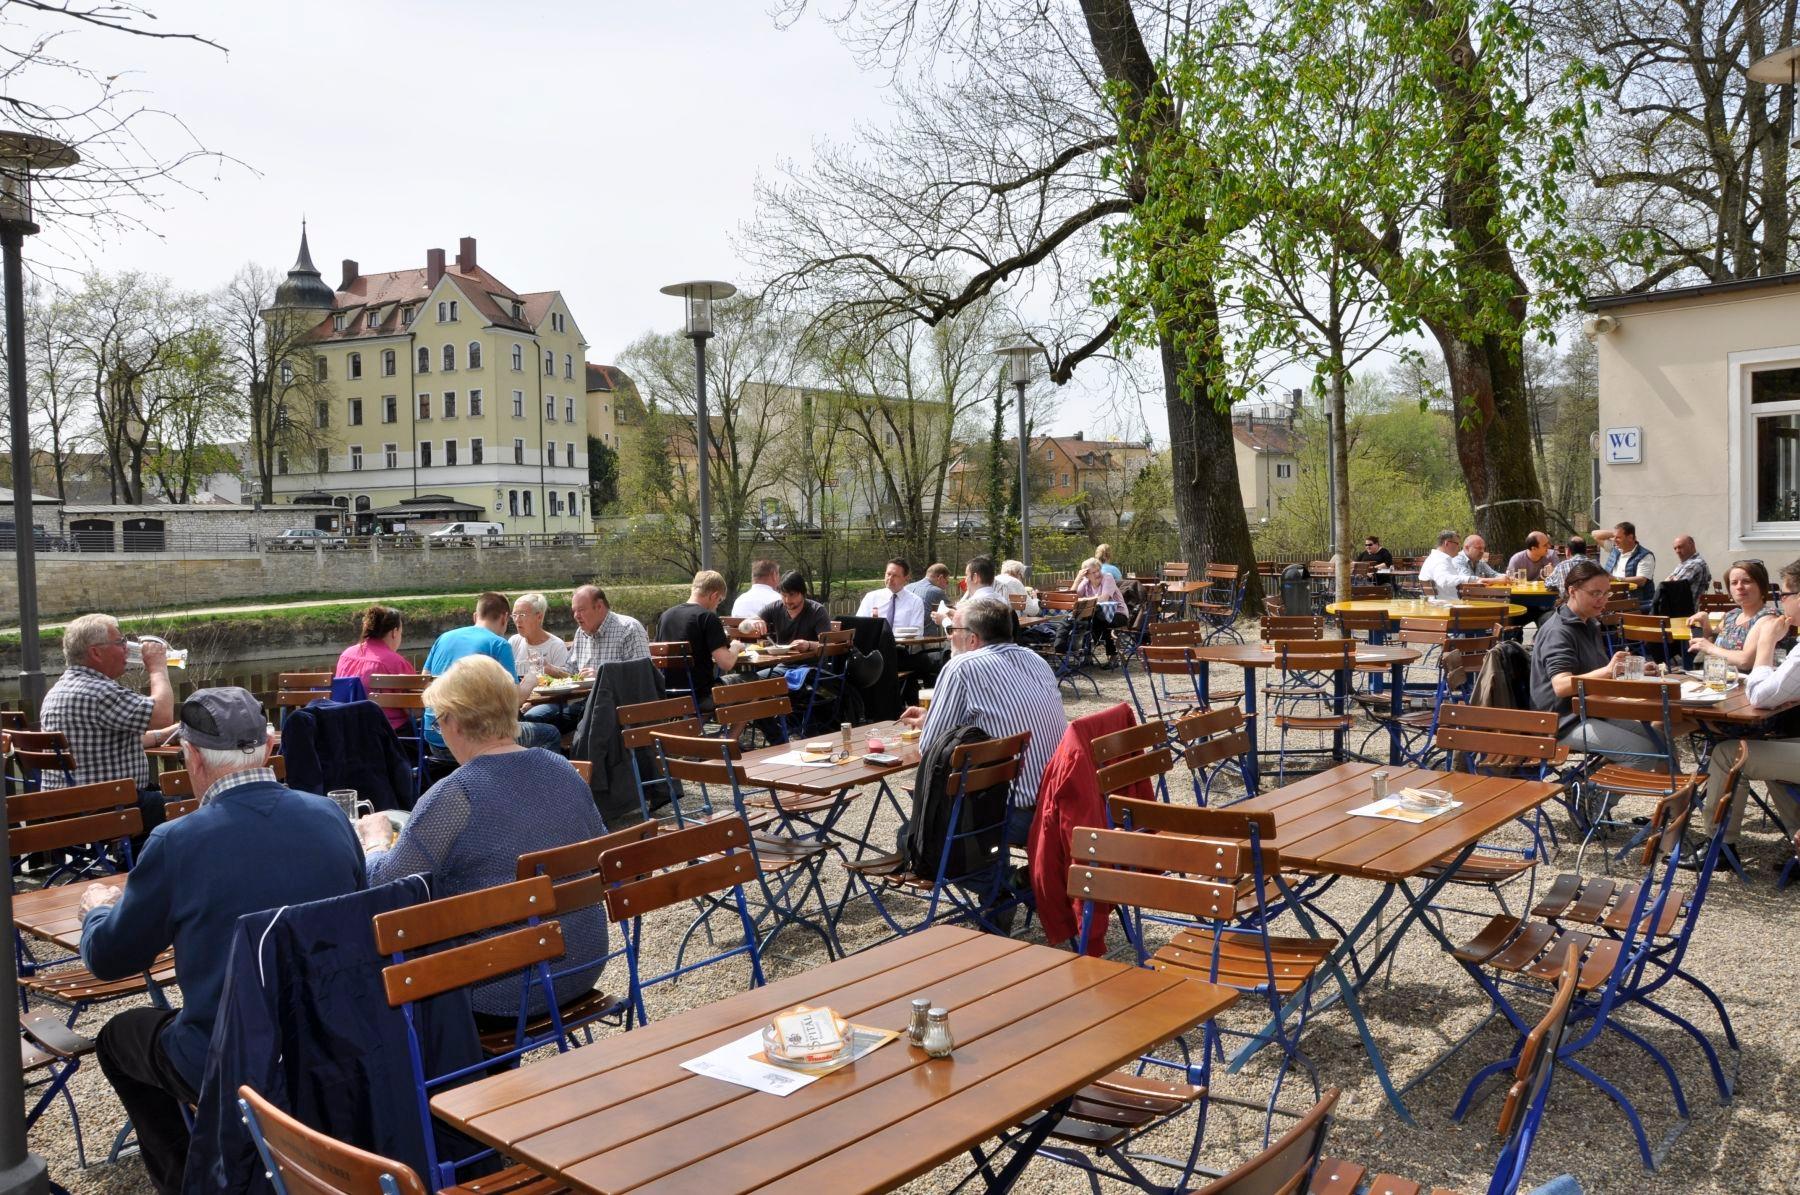 Wie gut kennen Sie die Regensburger Biergärten? | Playbuzz